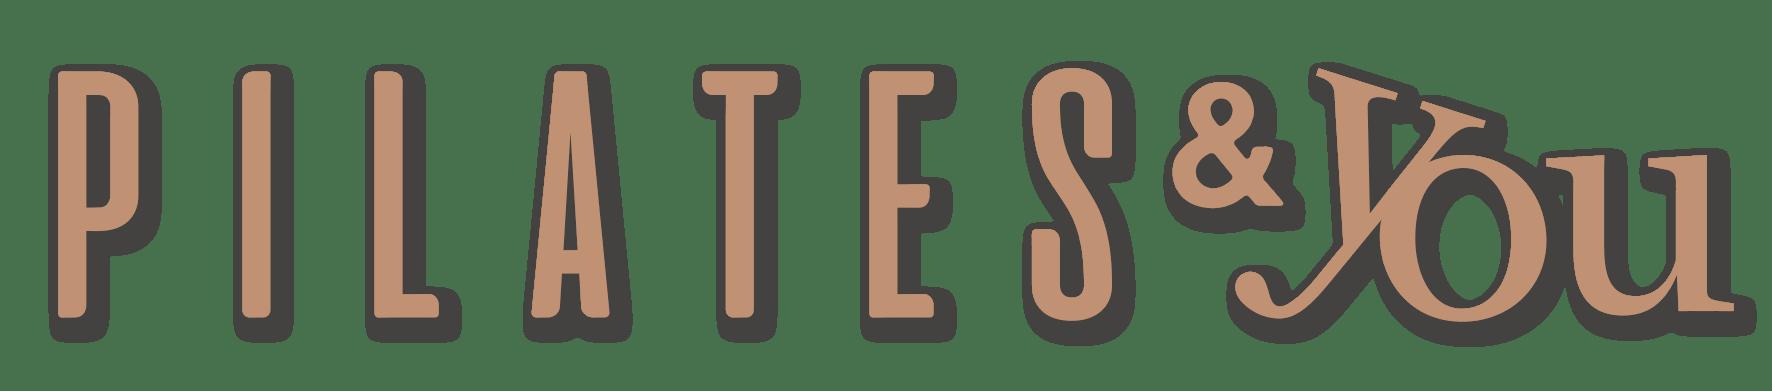 PILATES,MOVIMENT TERAPÉUTIC I SALUT A OLESA DE MONTSERRAT (LLOBREGAT)